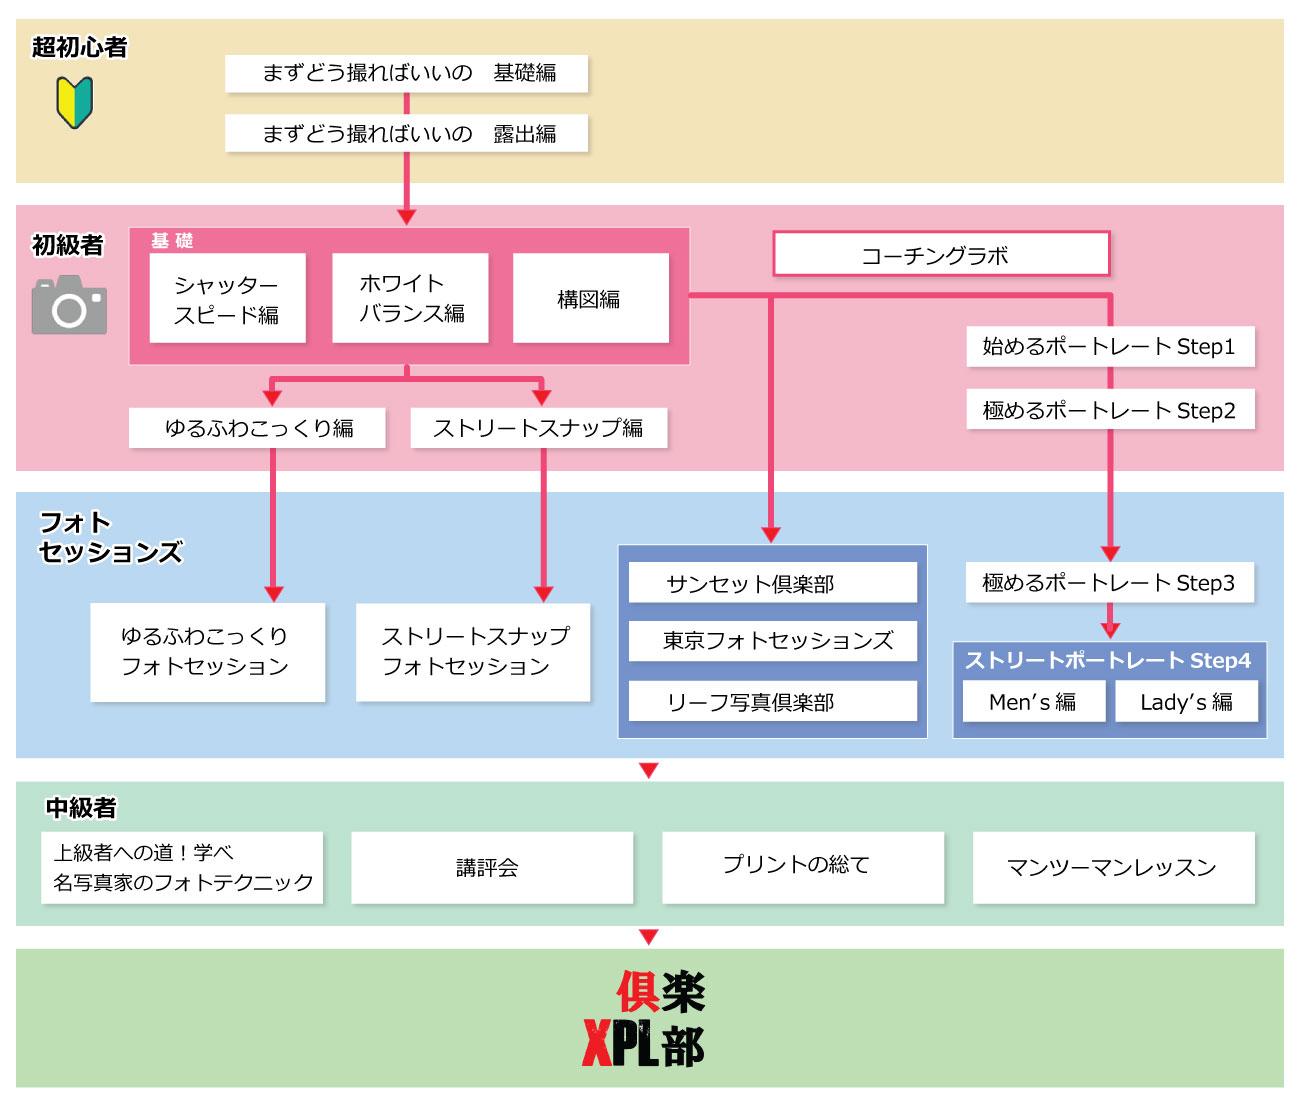 XPL講座ツリー図